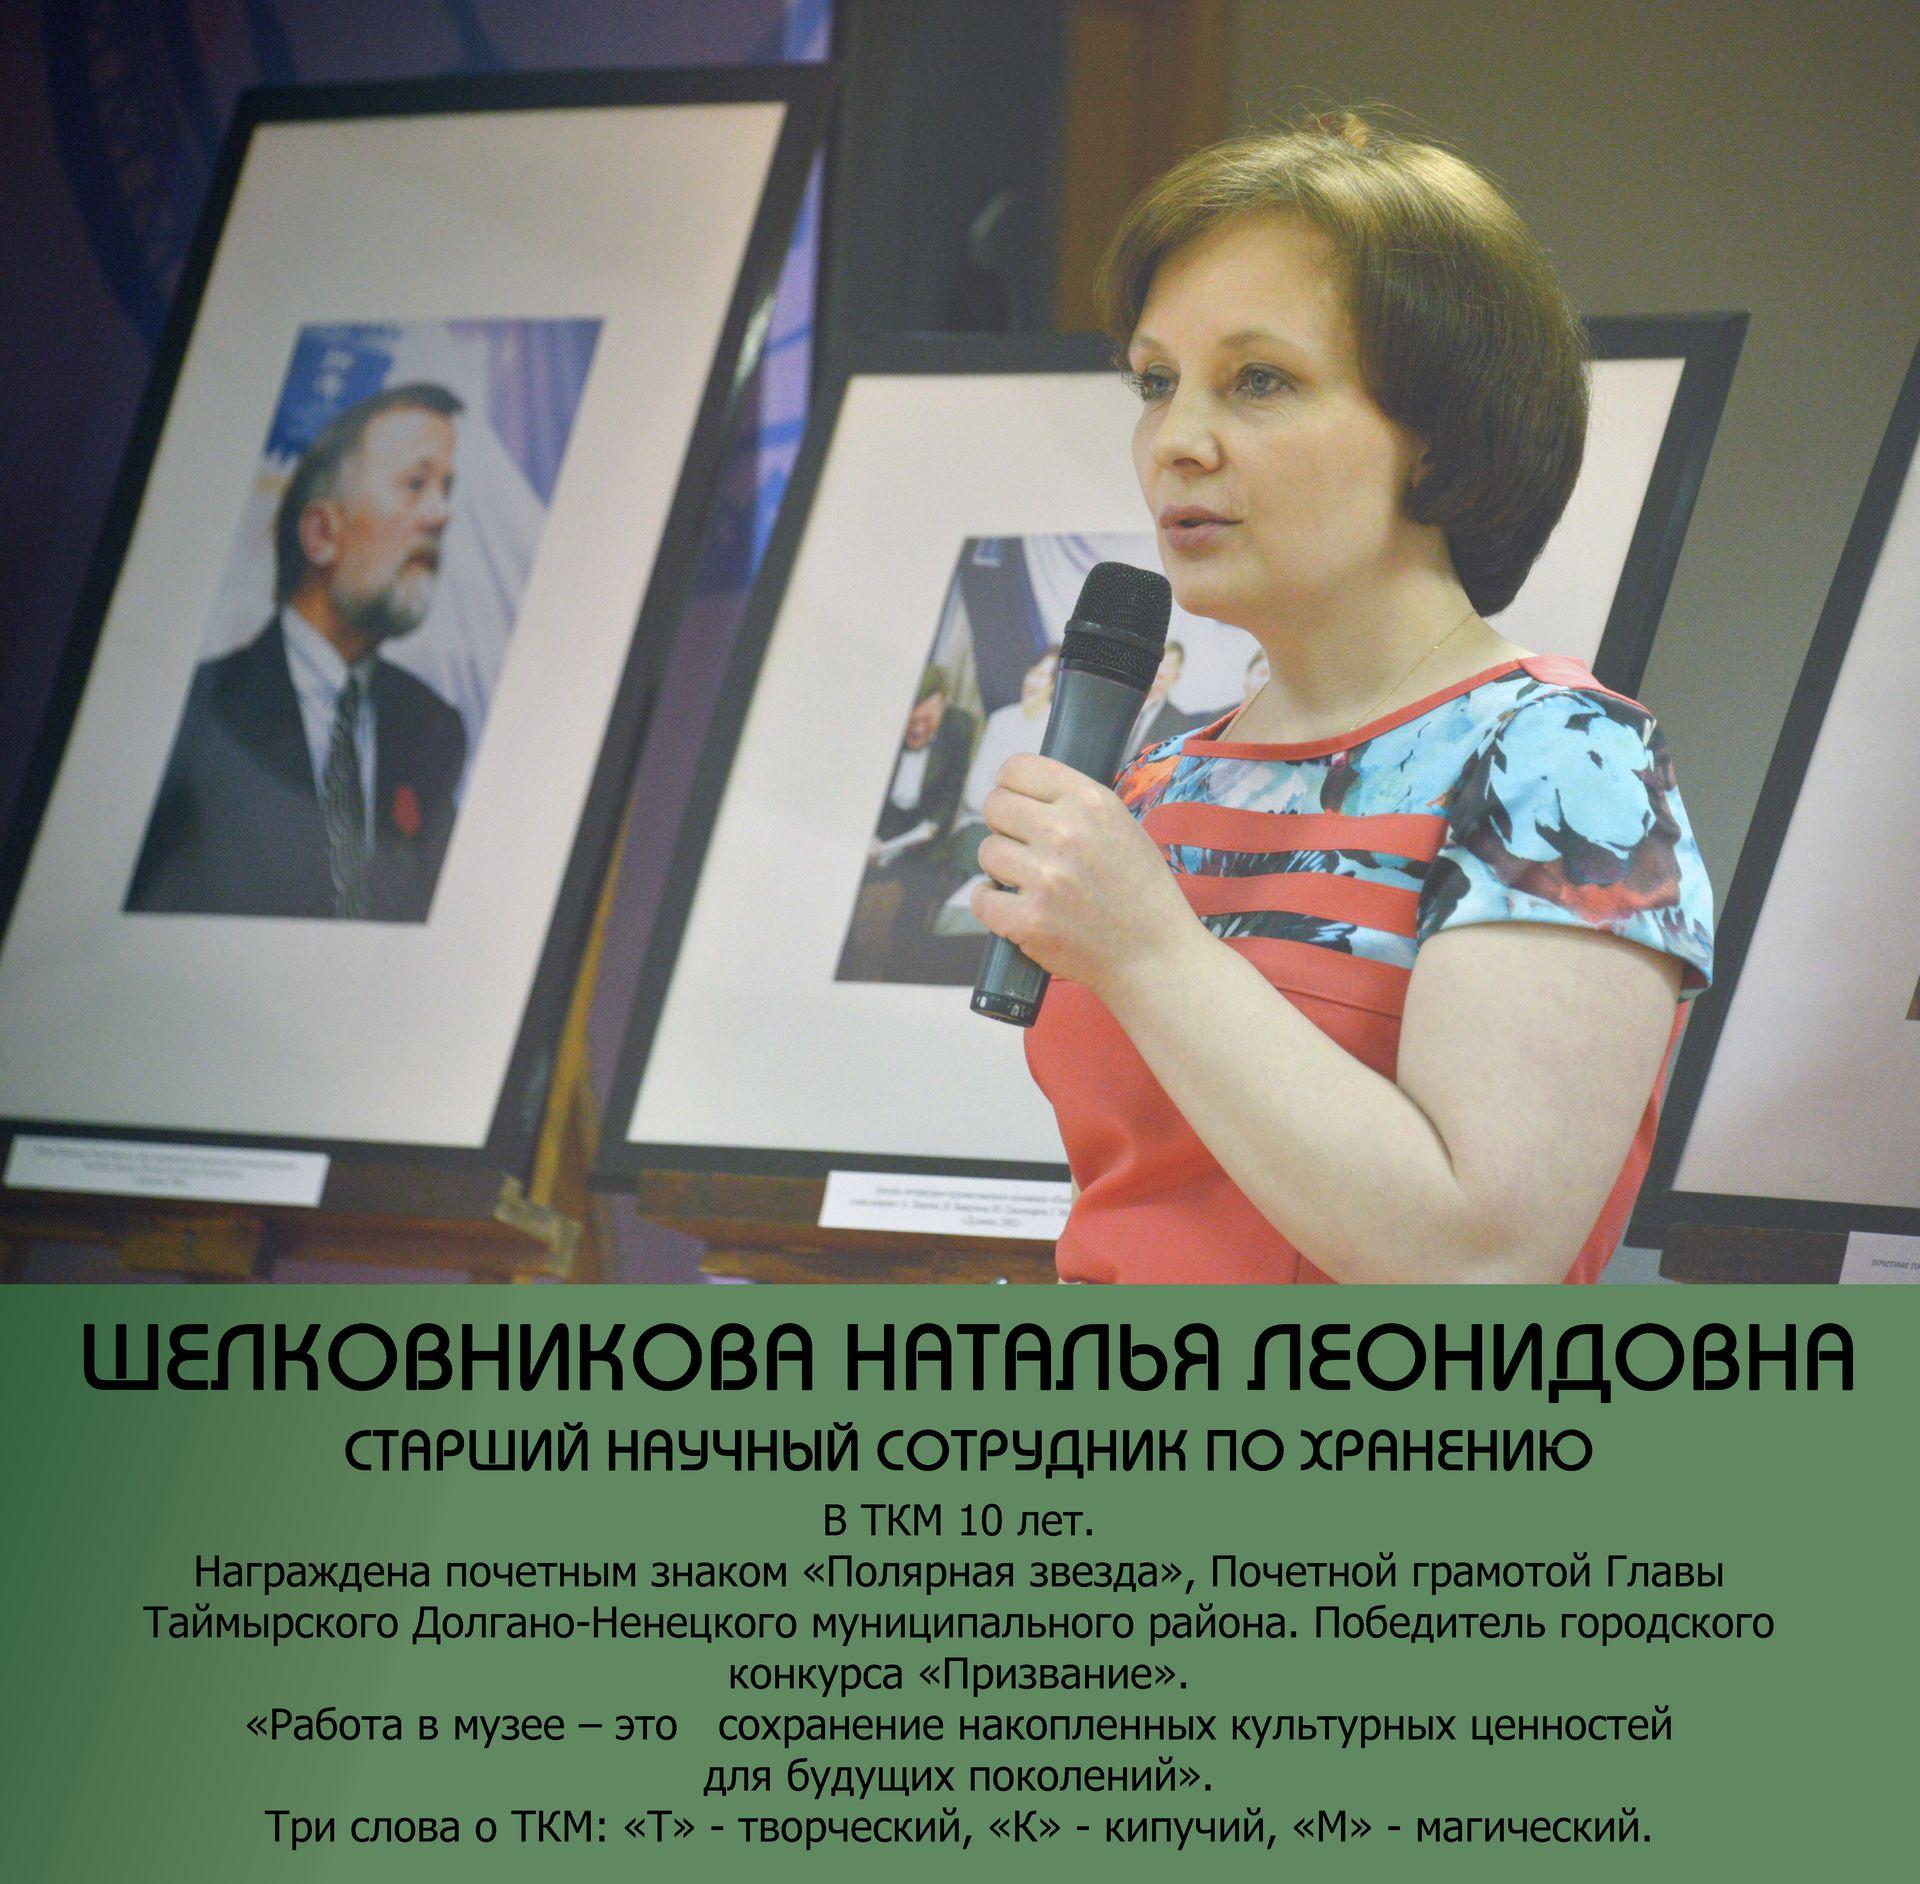 shelkovnikova